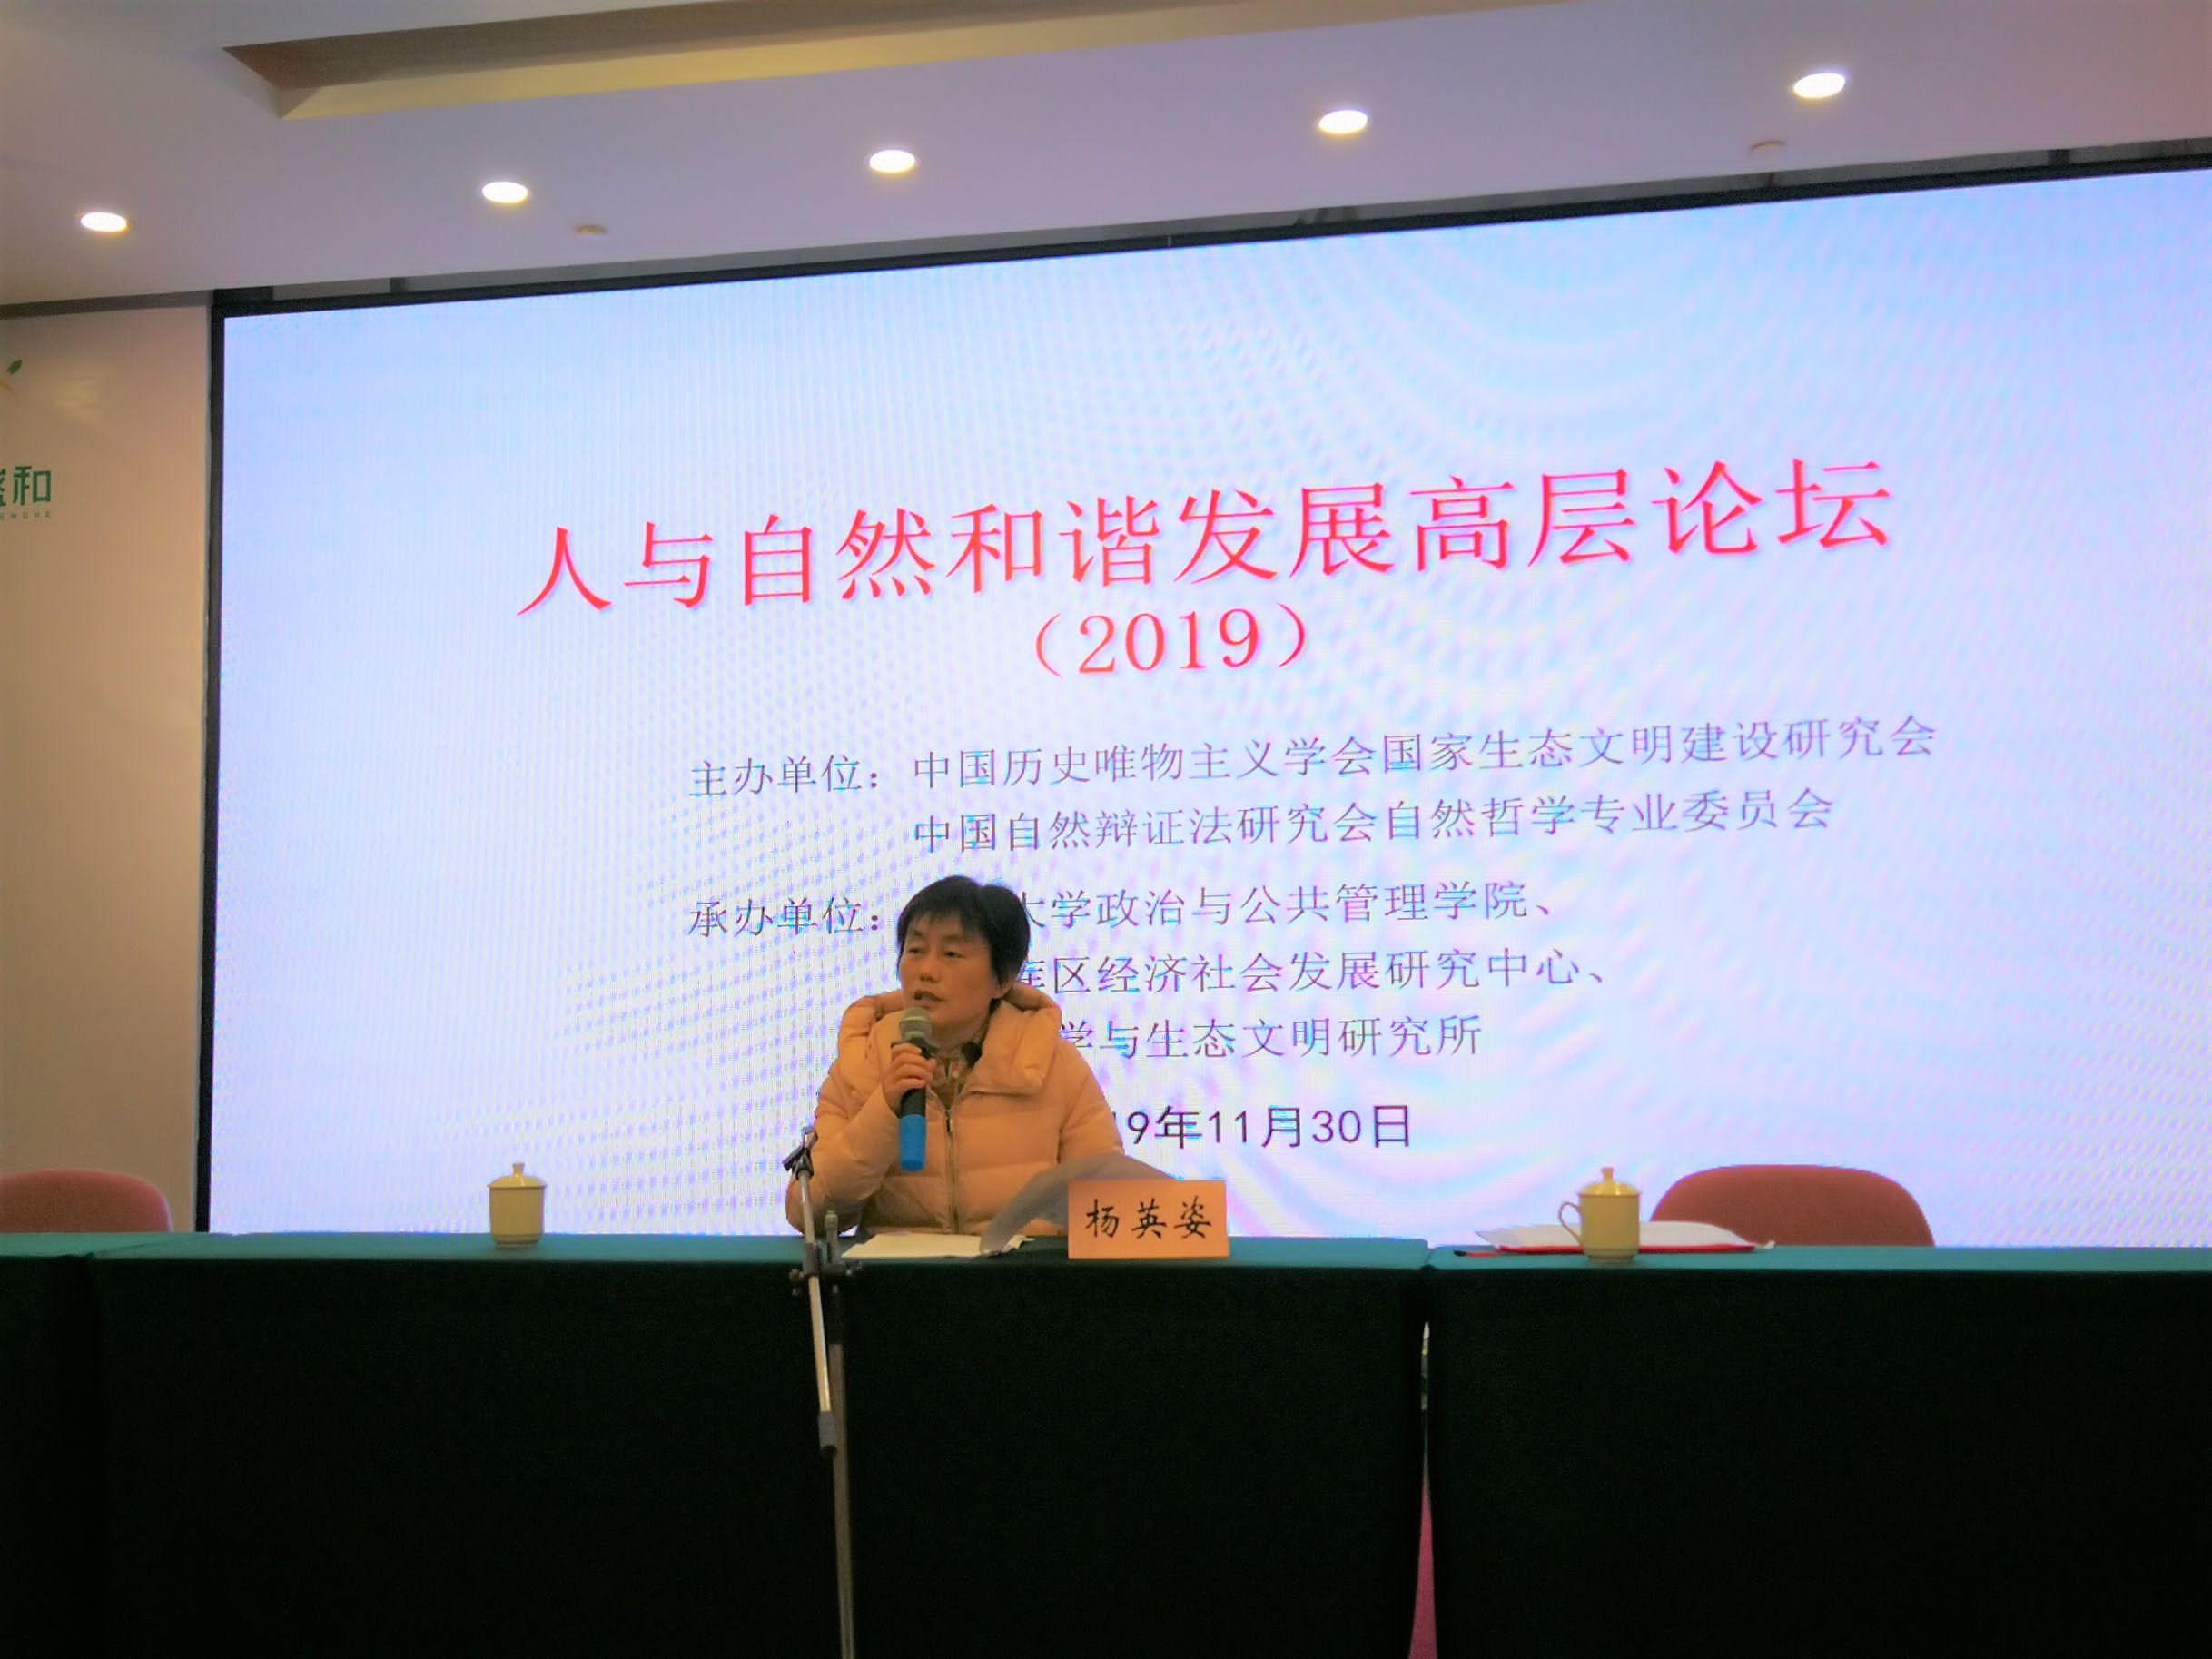 杨英姿教授、刘利利老师参加人与自然和谐发展高层论坛